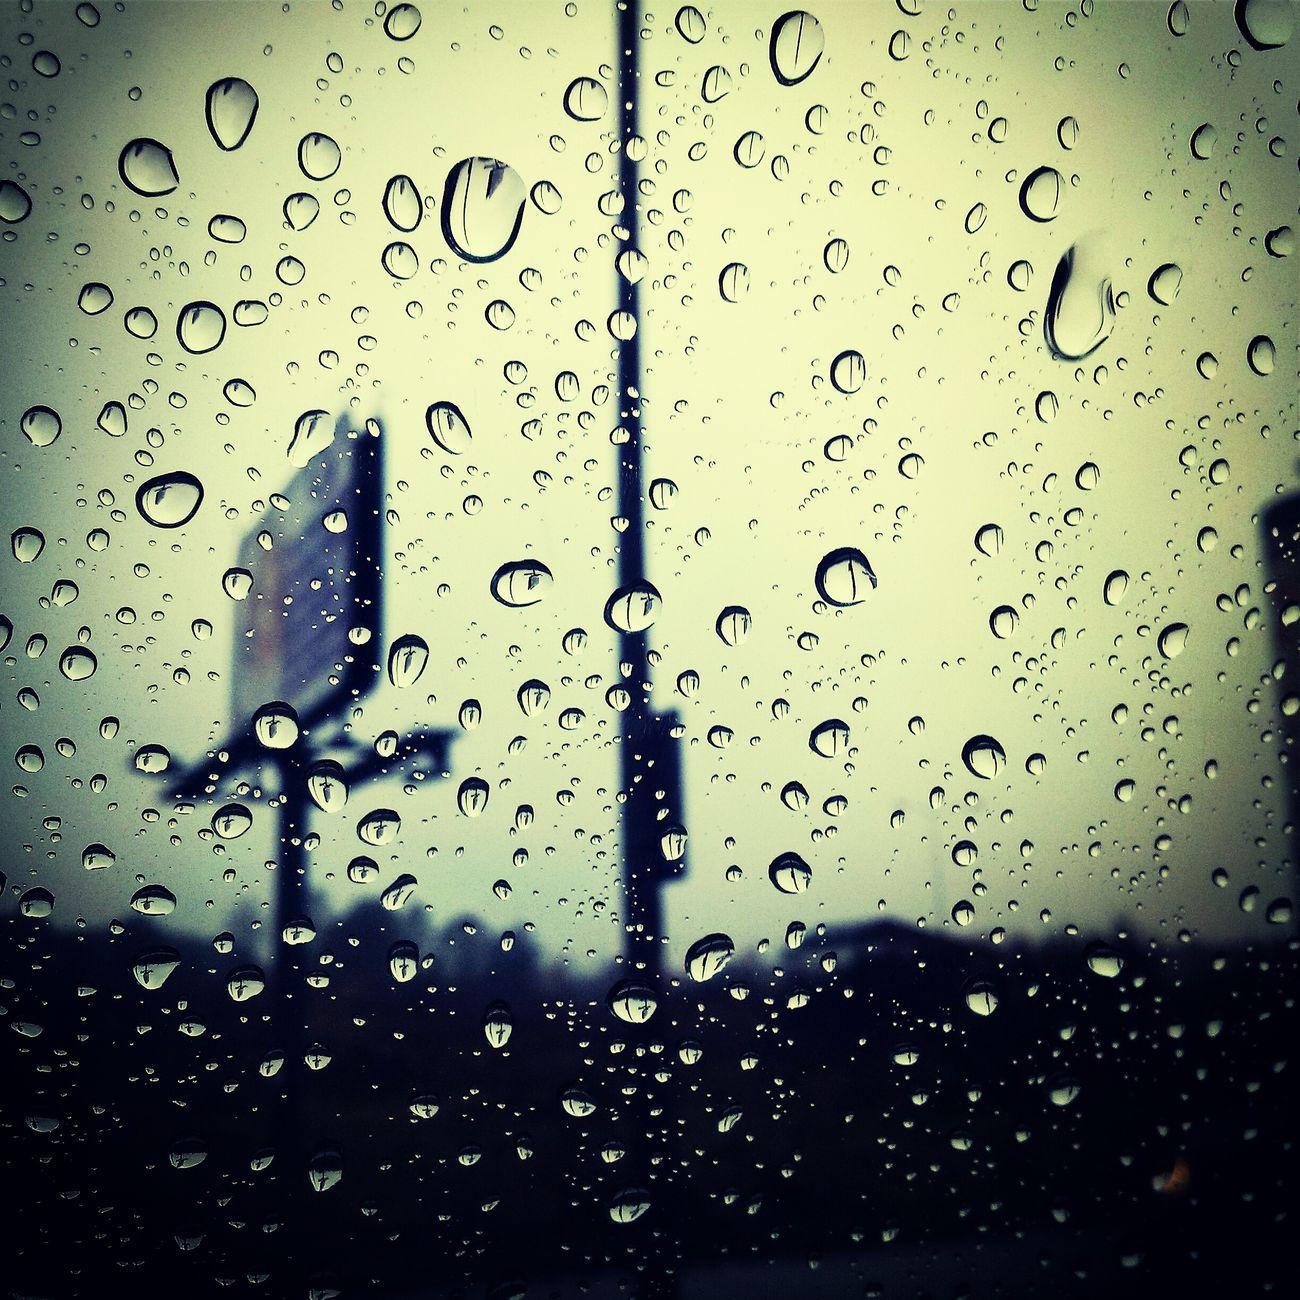 Rain Day Deszczowo Sad :( Wycieczka C: